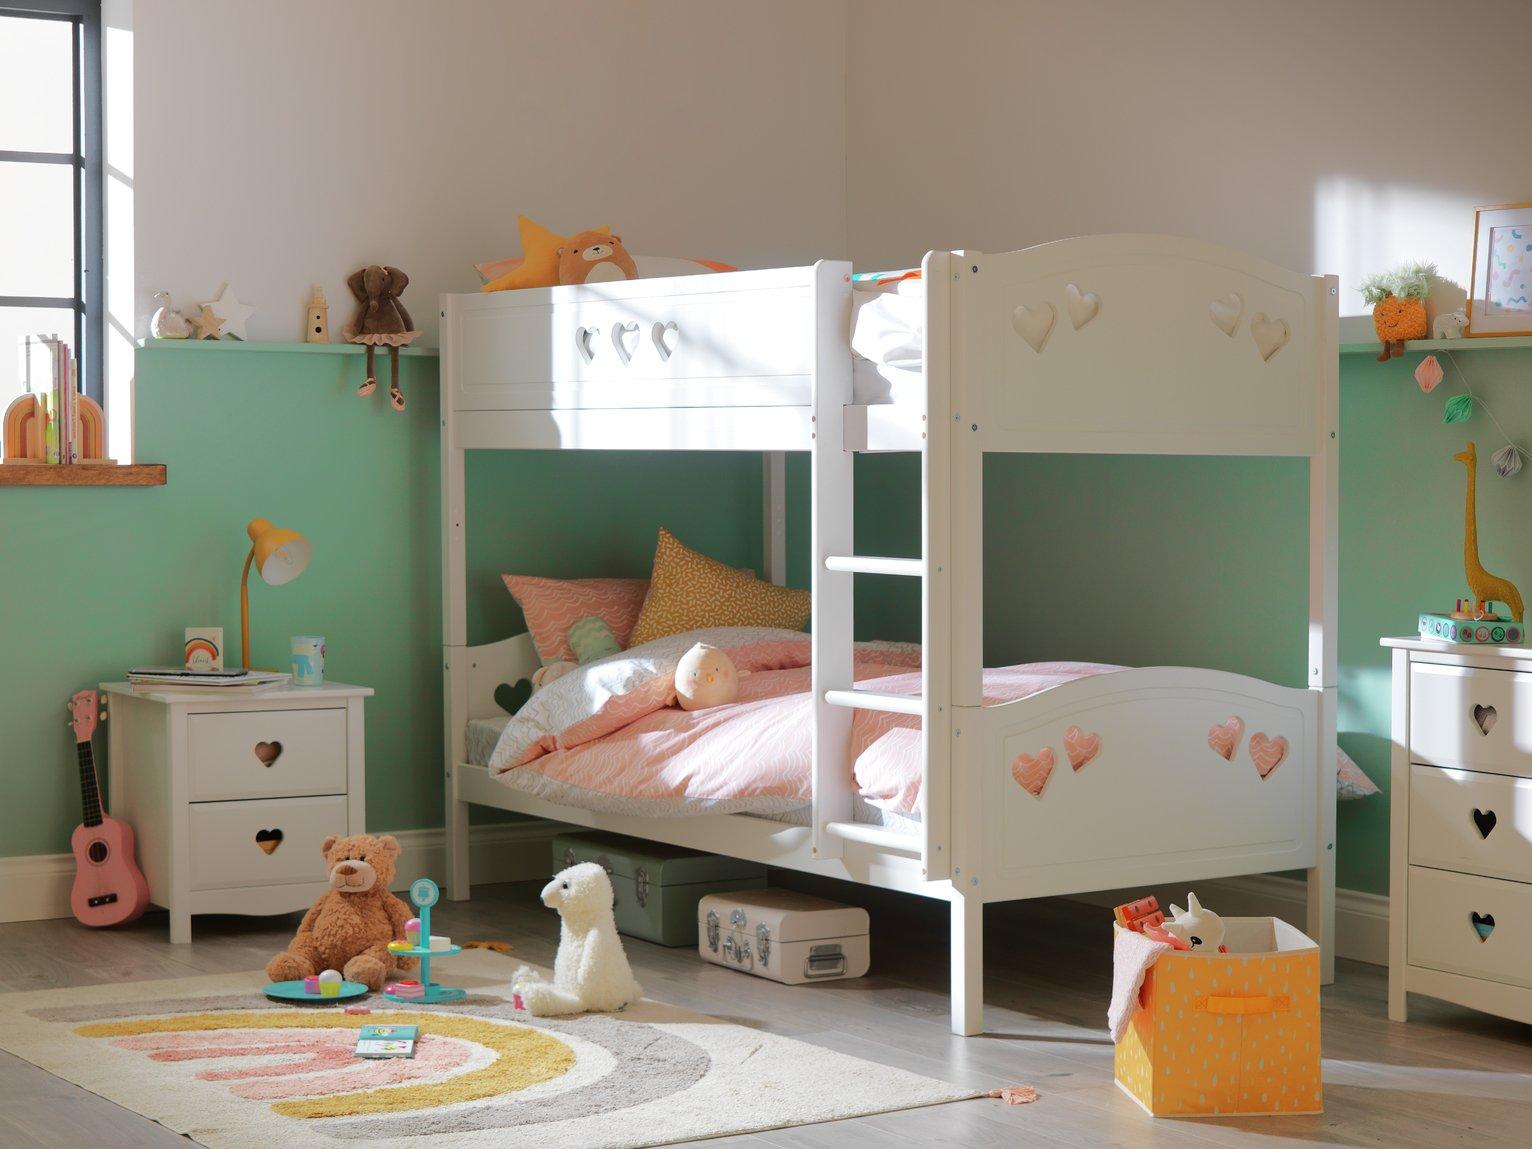 Argos Home Mia White Single Bunk Bed Frame review